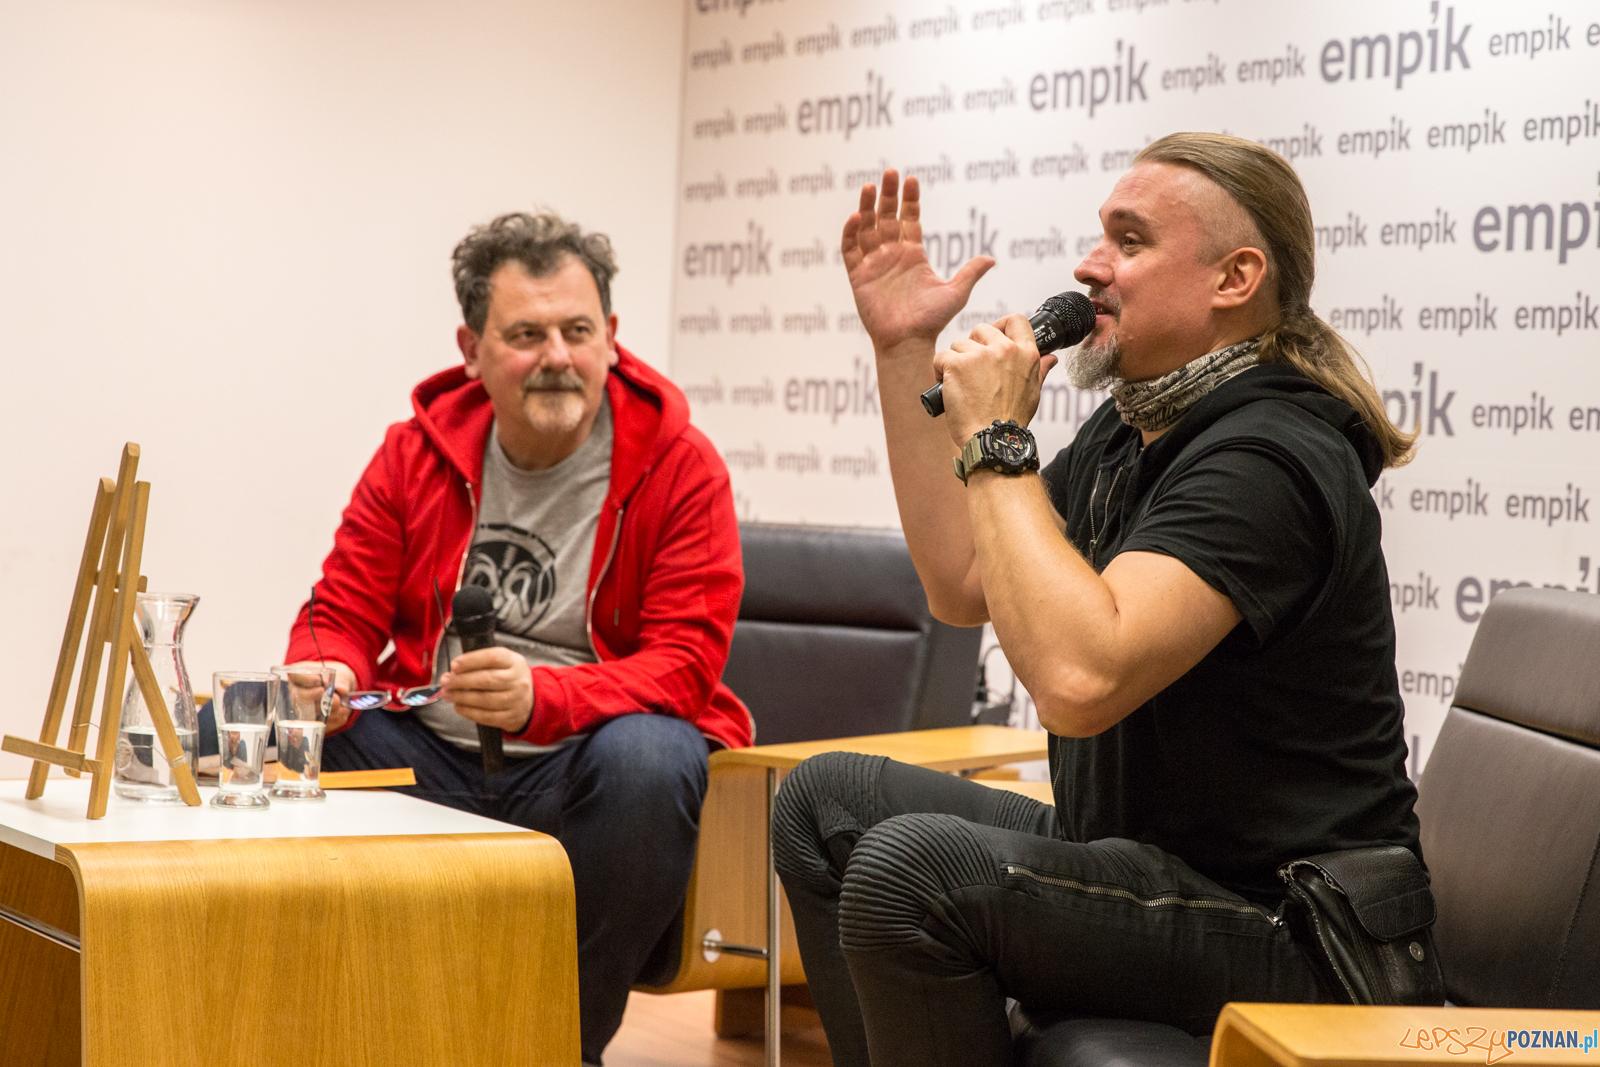 Maciej Balcar na spotkaniu z fanami w saloniku Empiku - Poznań  Foto: Paweł Rychter